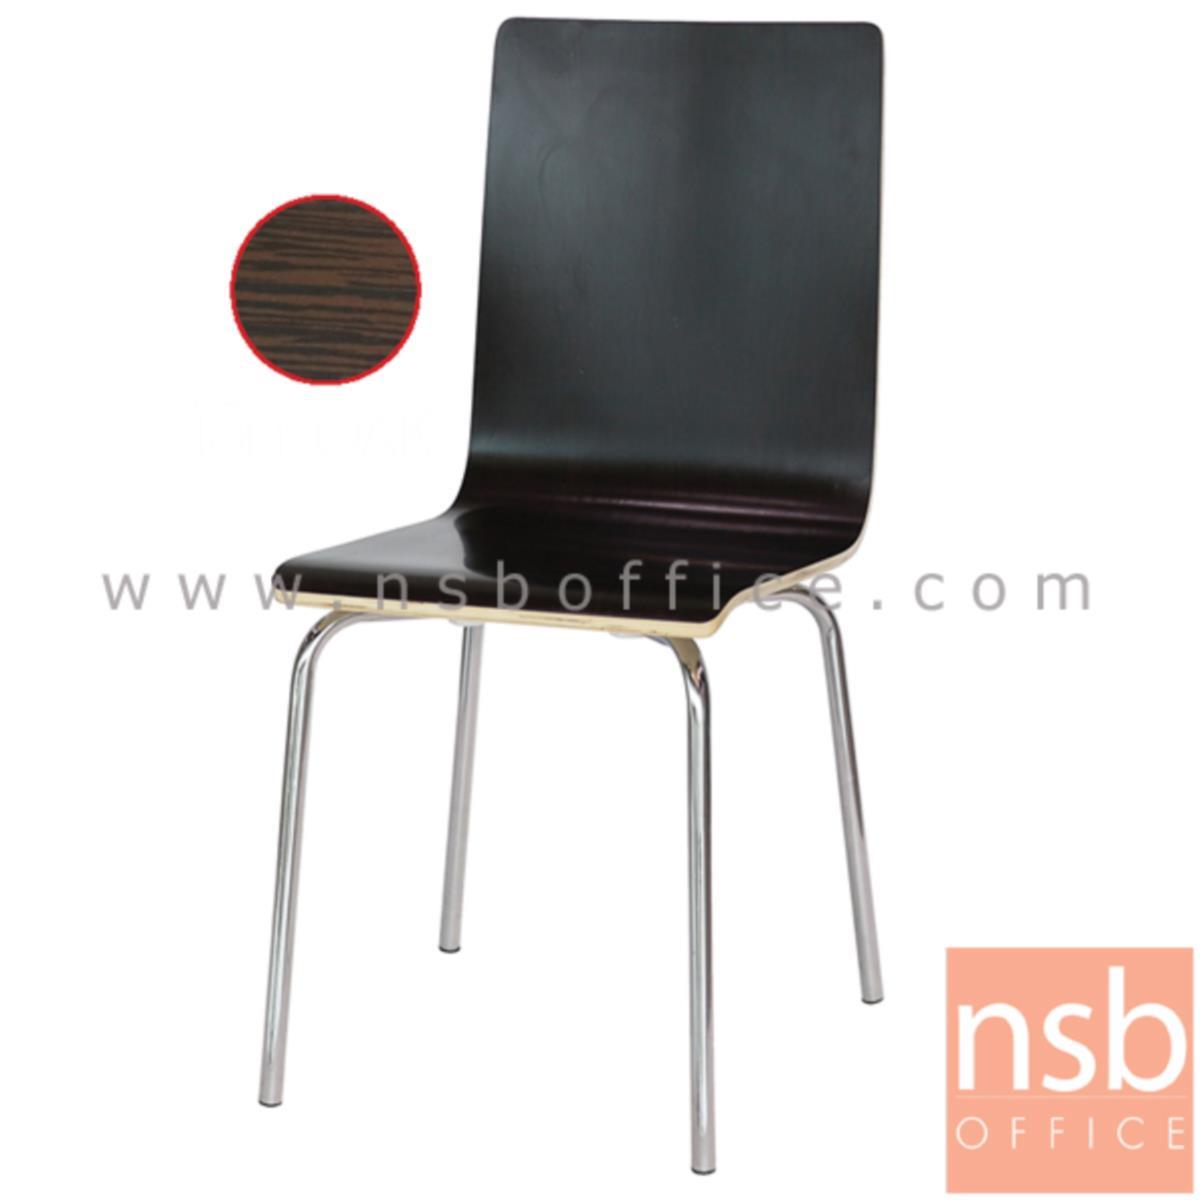 เก้าอี้อเนกประสงค์ไม้ดัด รุ่น Fallon (แฟลลอน)  ขาเหล็กชุบโครเมี่ยม